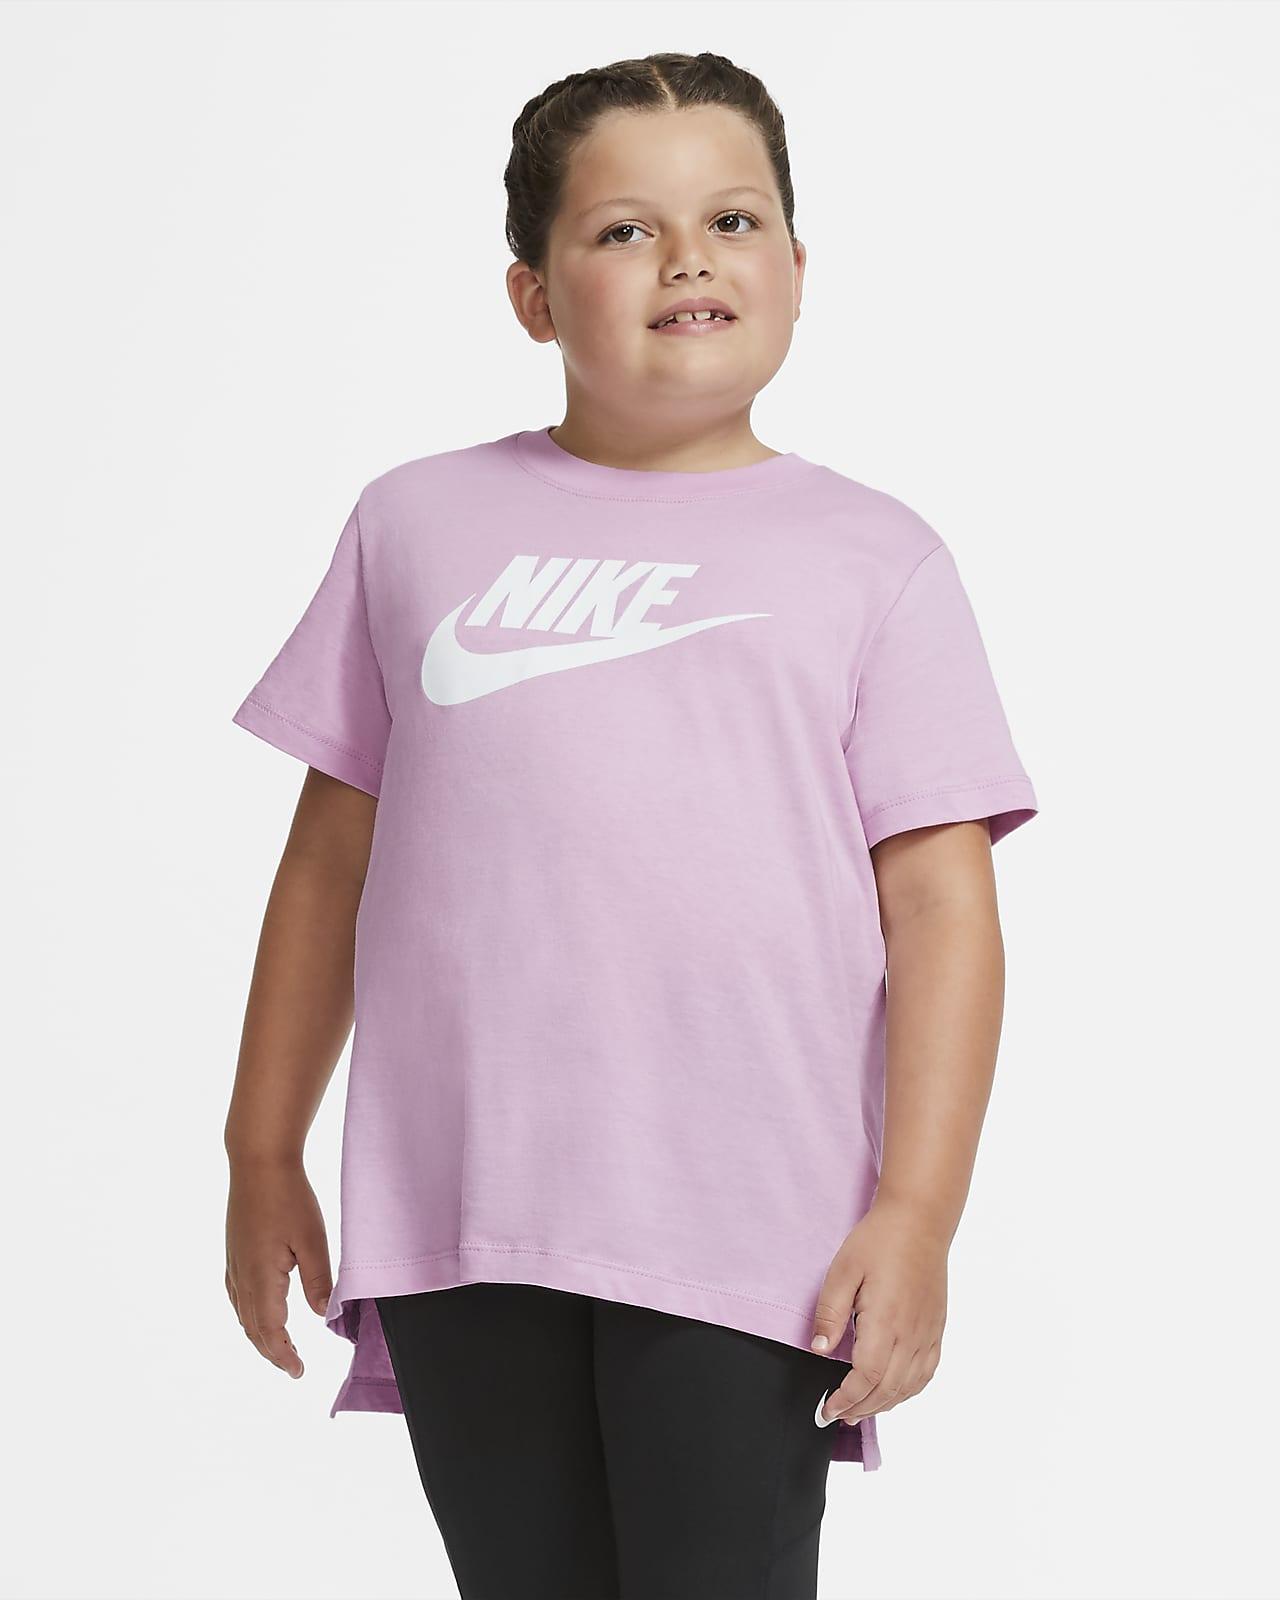 Nike póló nagyobb gyerekeknek (lányoknak) (nagyobb méret)